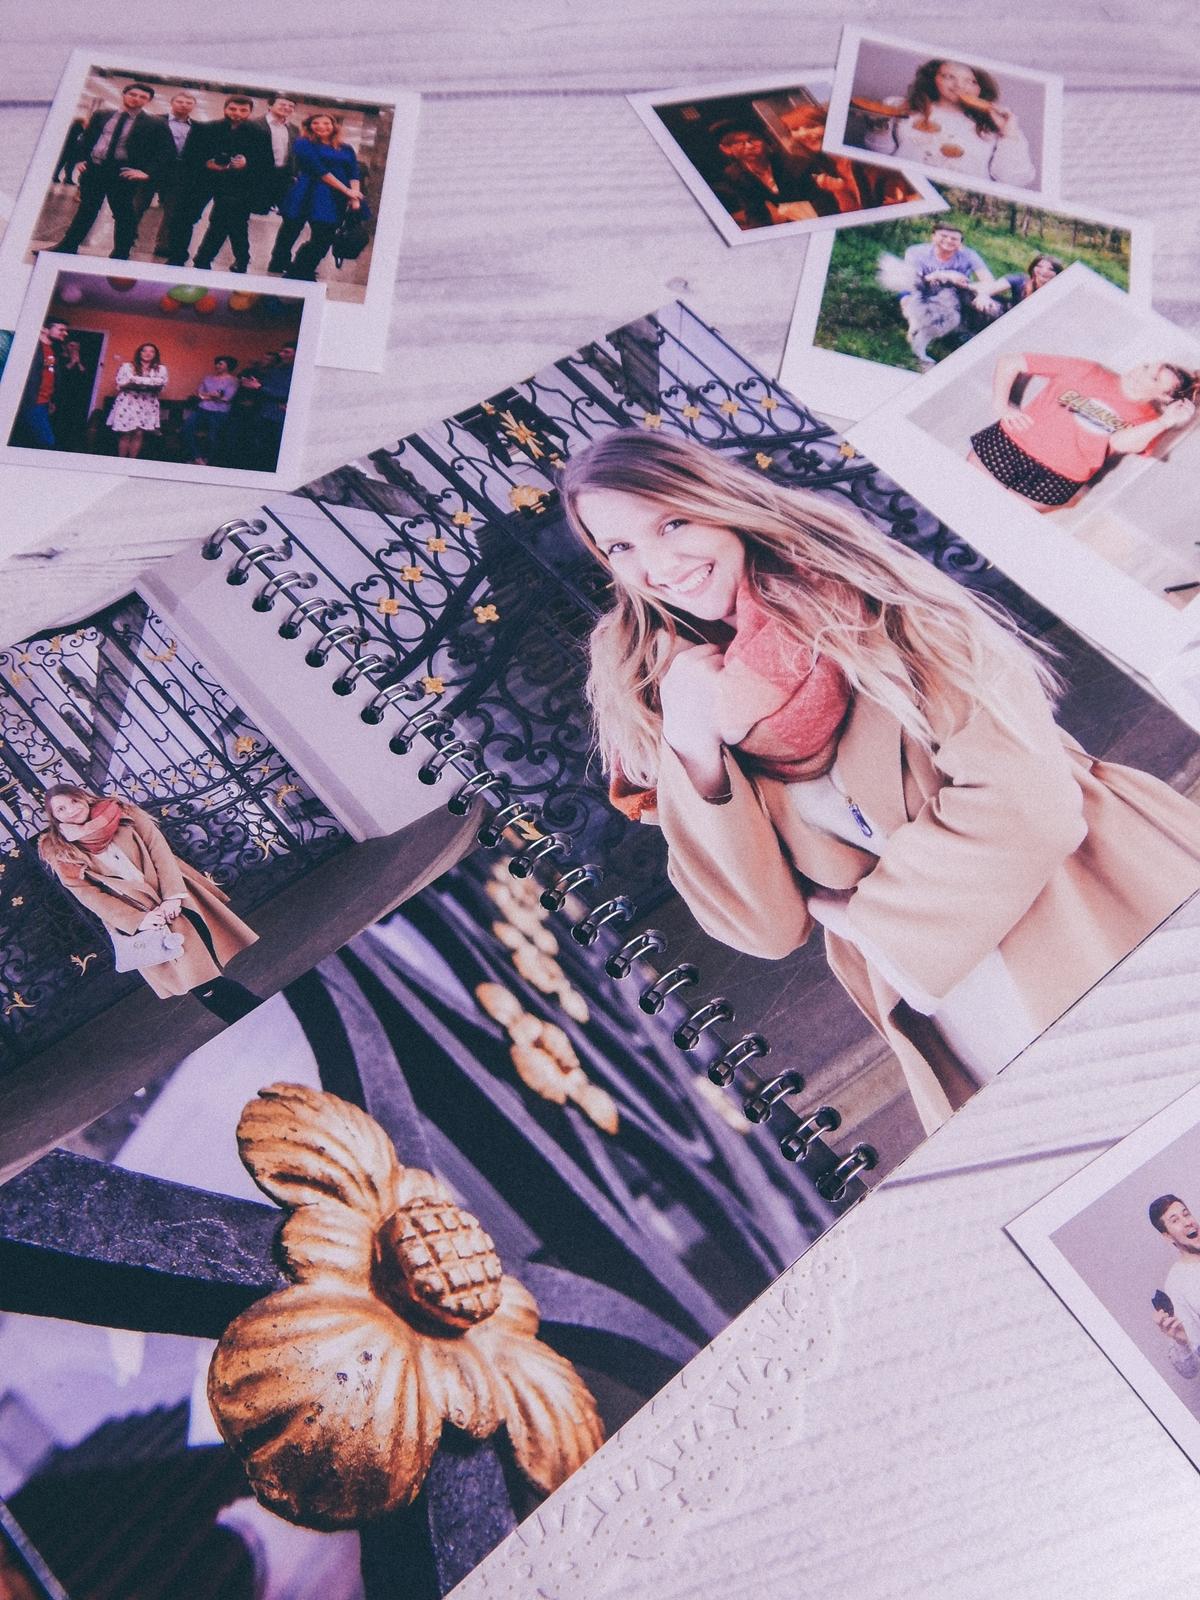 3 fotozeszyt saal digital zeszyt na zdjęcia a5 na sprężynie fotoksiązka photobook recenzja test fotozeszytu tanie wywoływanie zdjęć online melodylaniella polaroidy